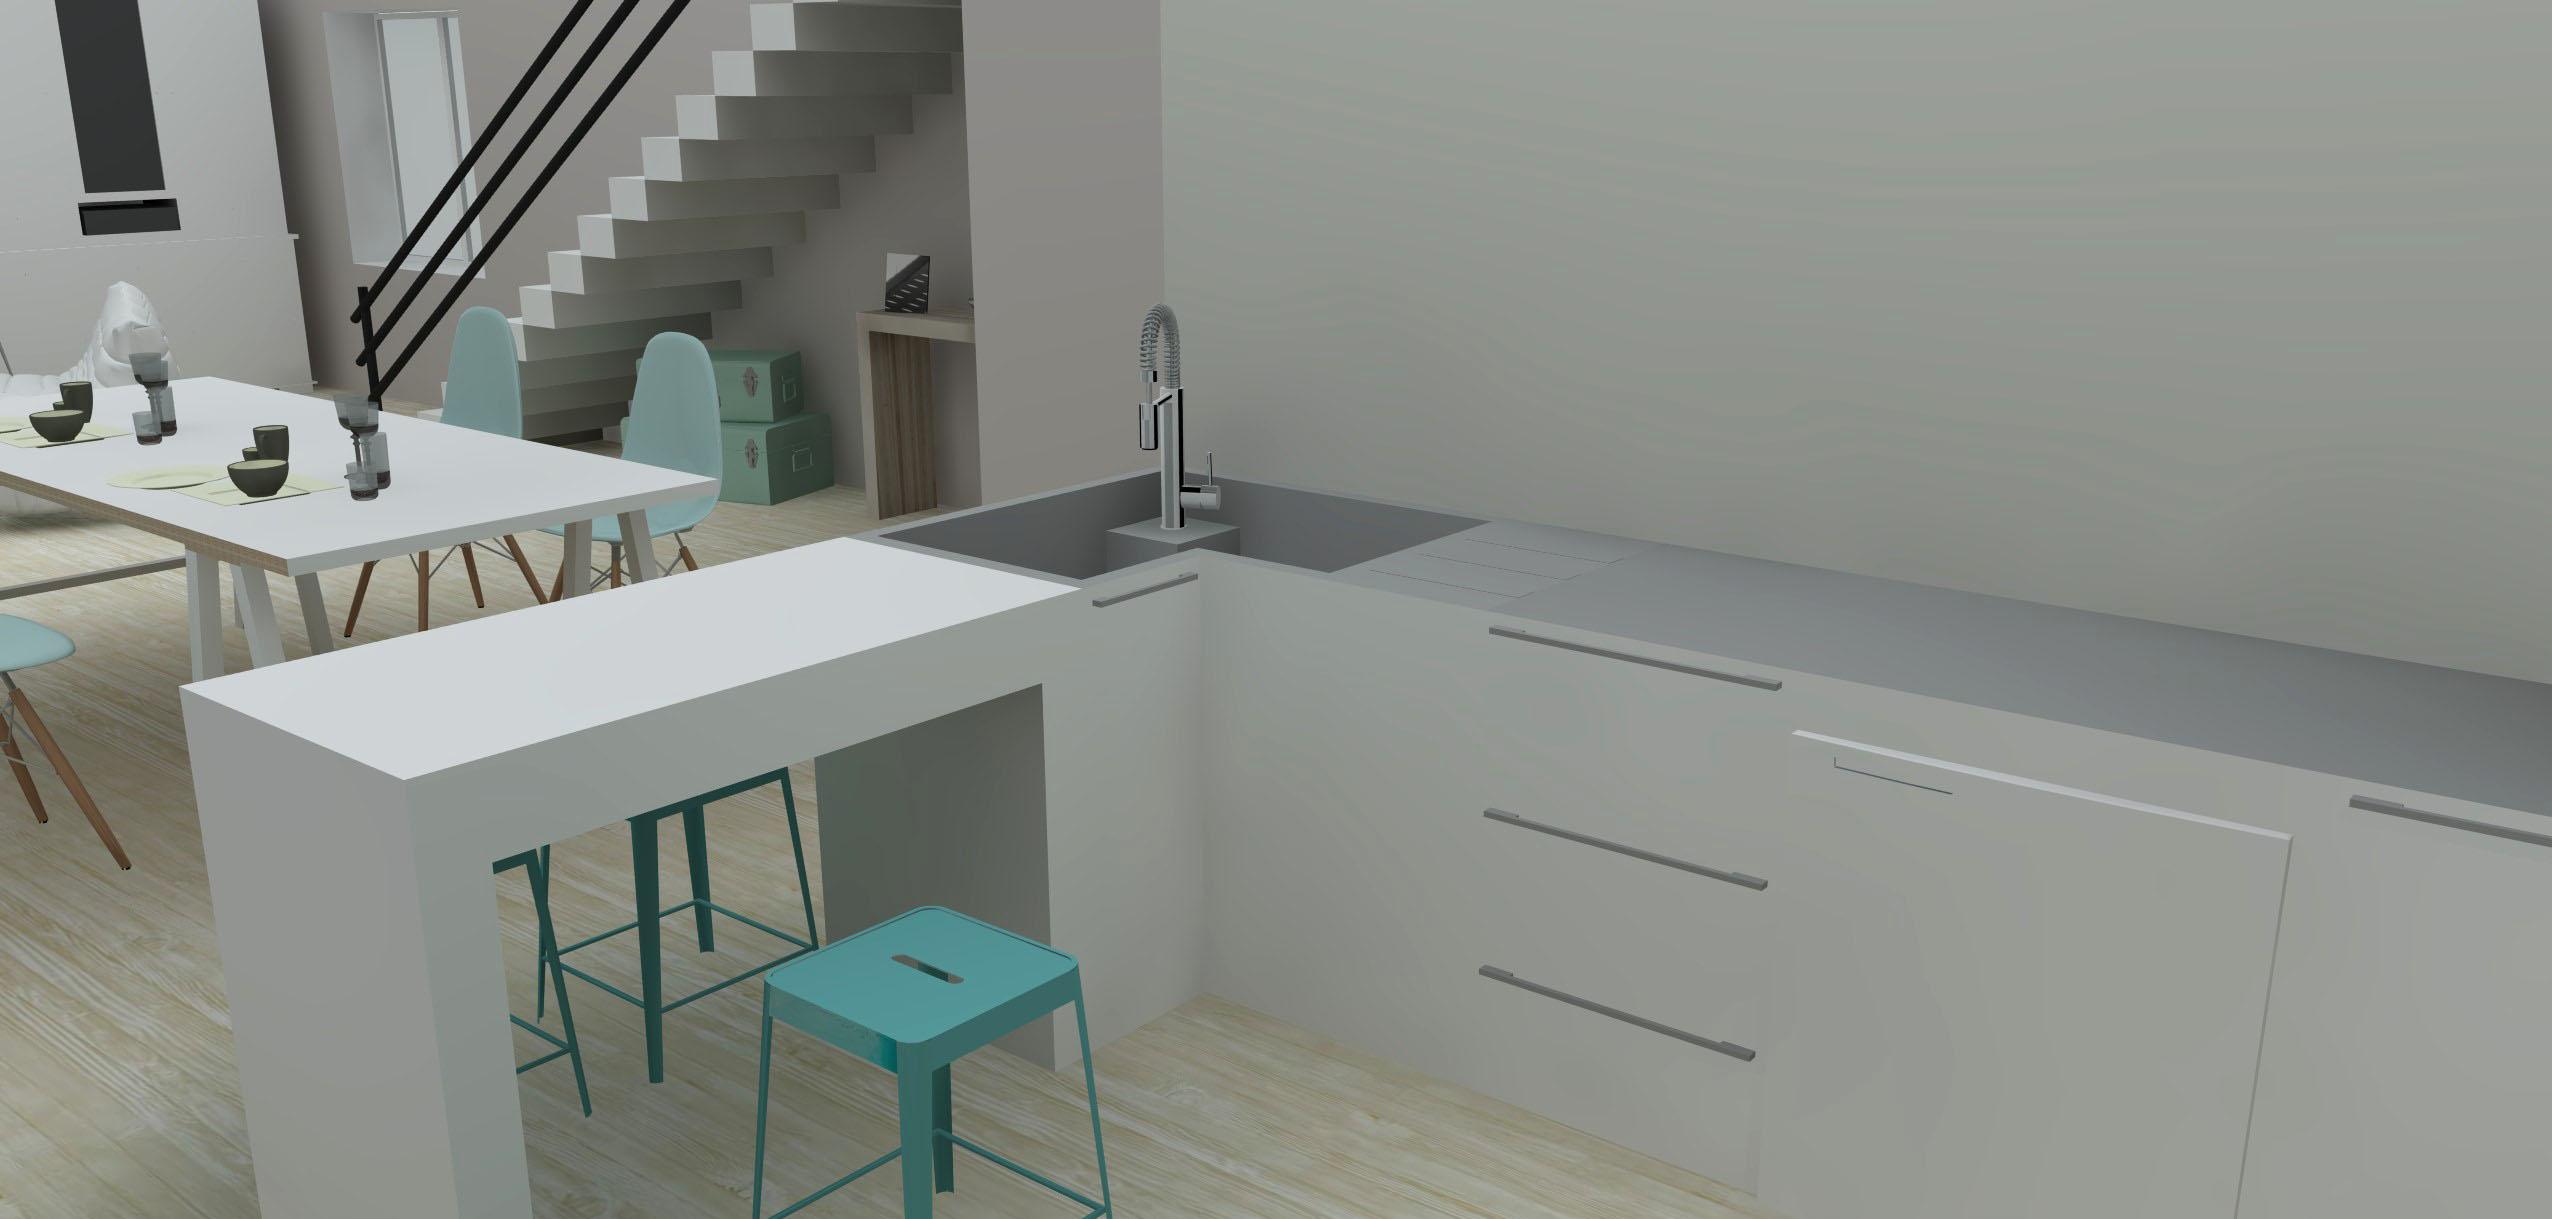 Am nagement d int rieur pastel home l 39 atelier d 39 elisa for Amenagement d interieur